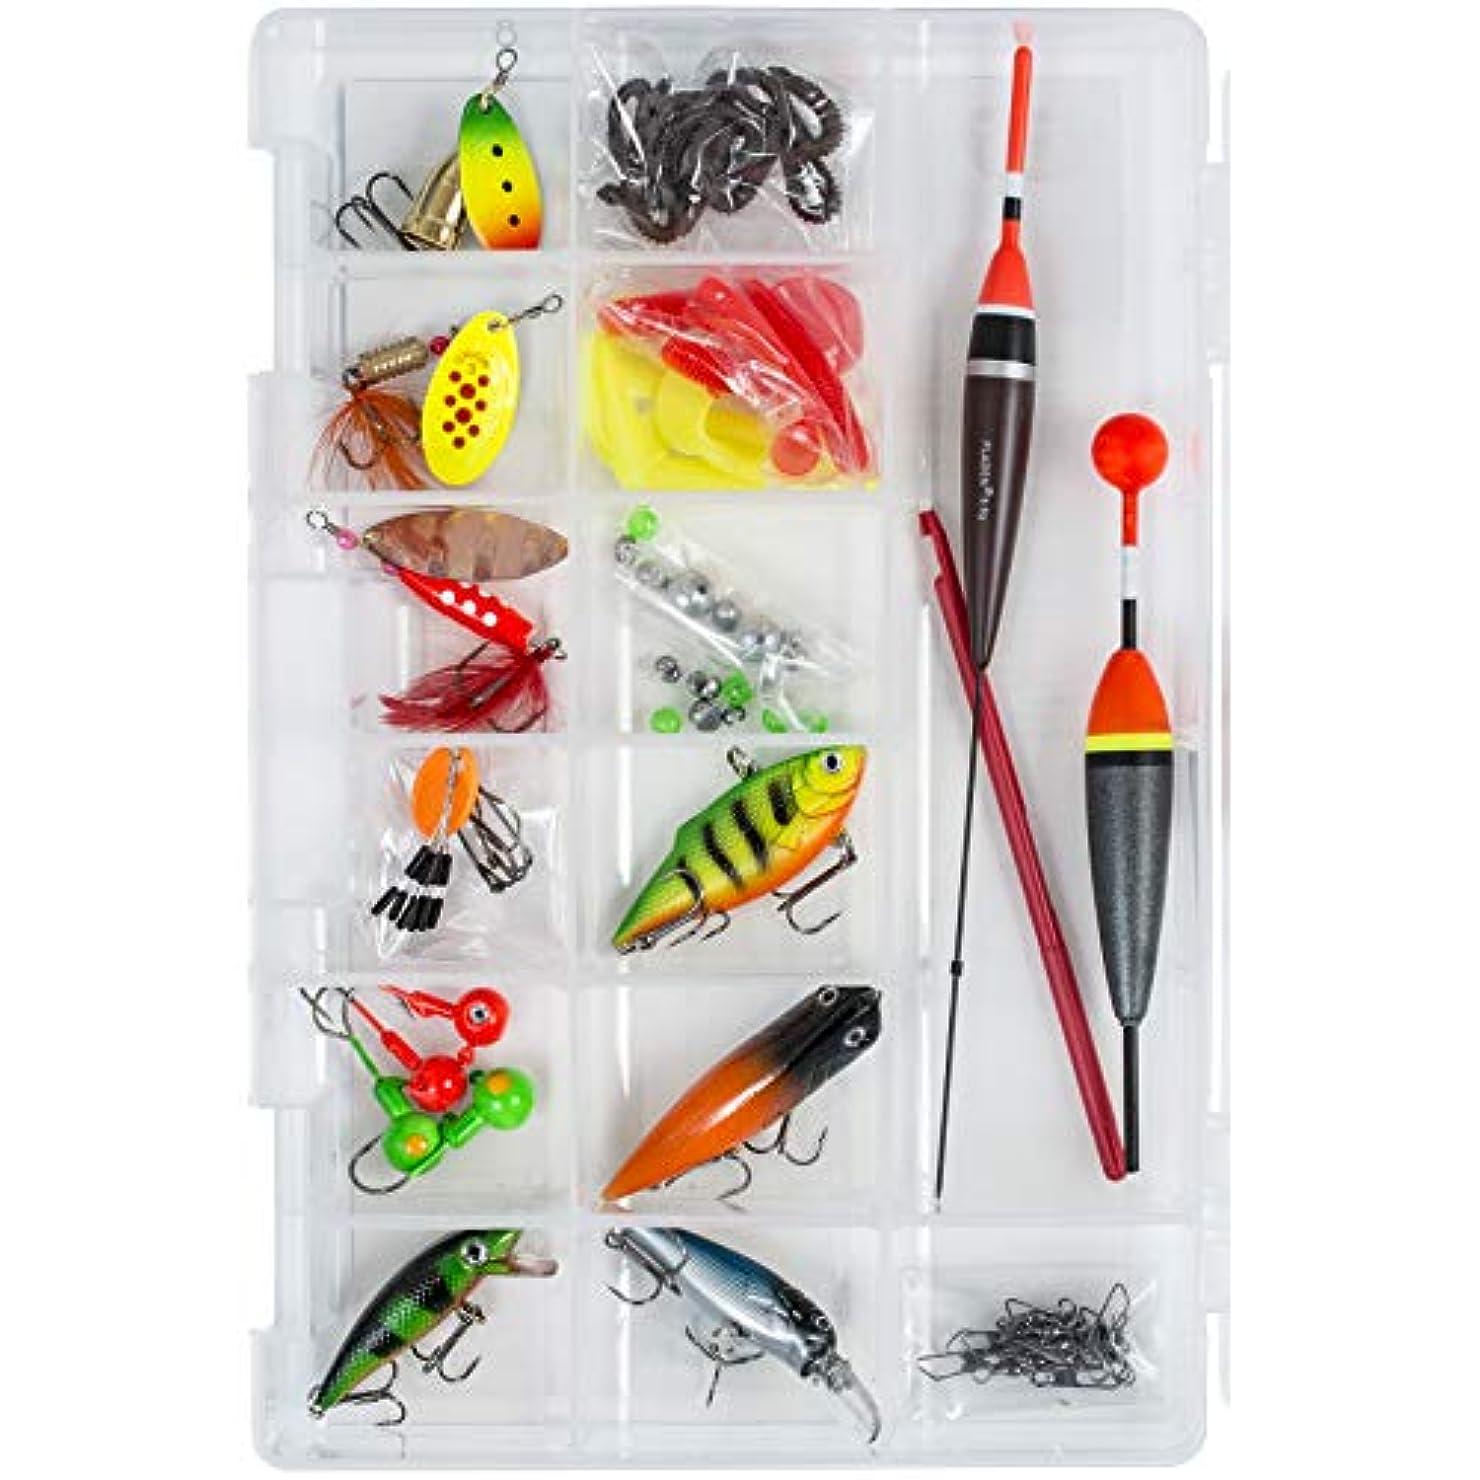 身元学ぶ告発FLADEN Fishing - とまり木釣りのためのルアーとアクセサリー付きロードされたタックルボックス[16-7598]